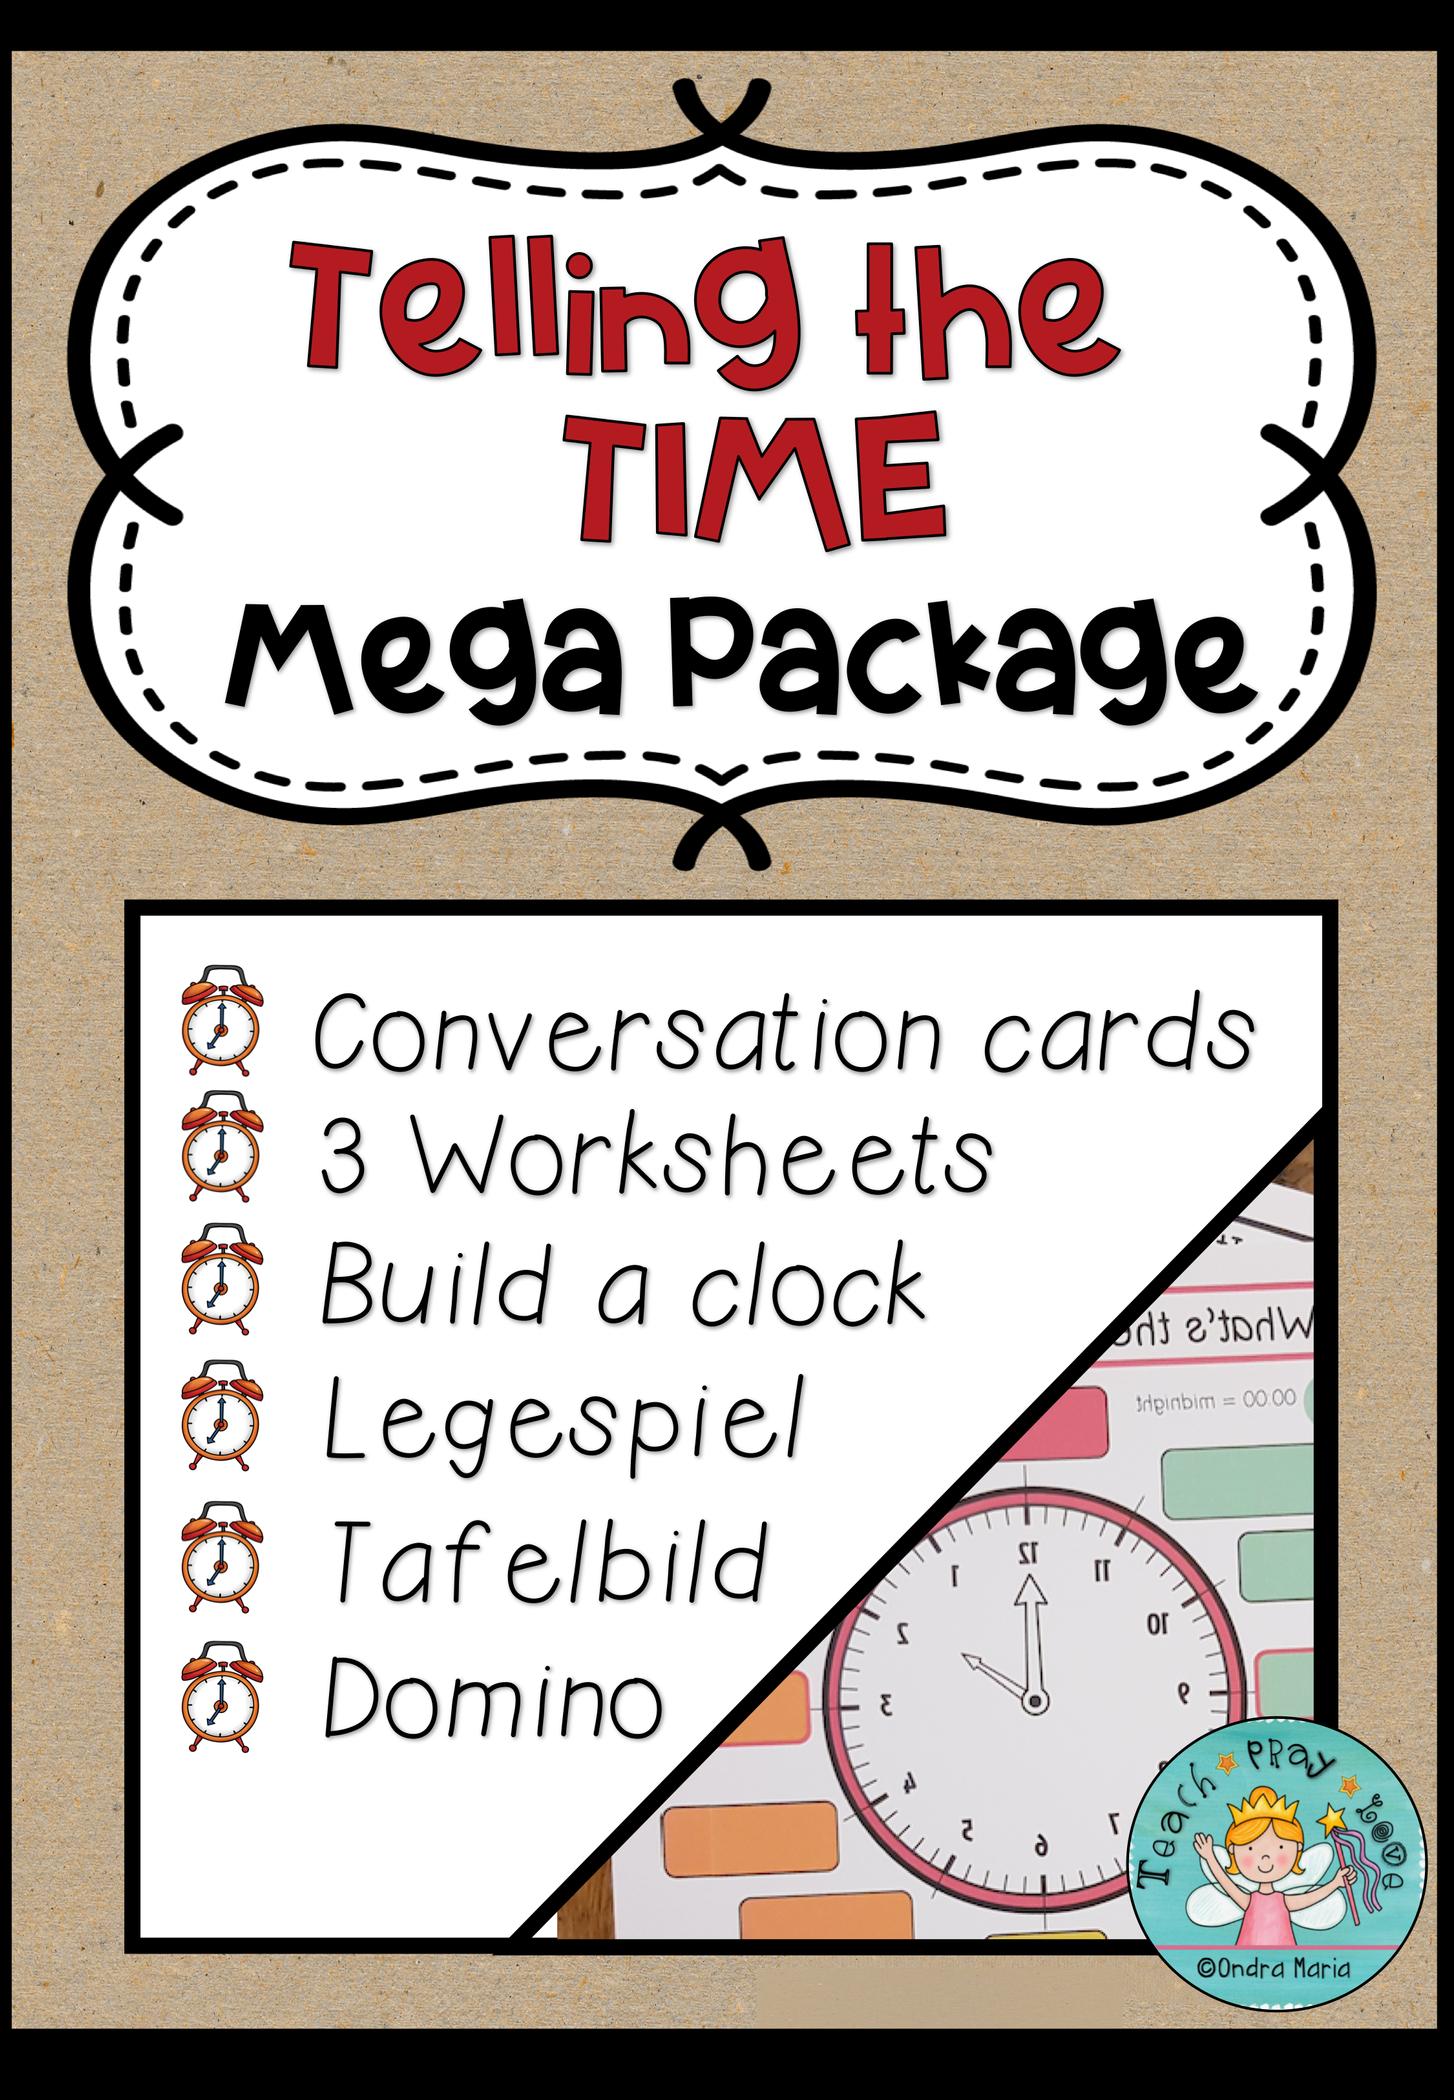 Das Materialpaket Beinhaltet Conversation Cards3